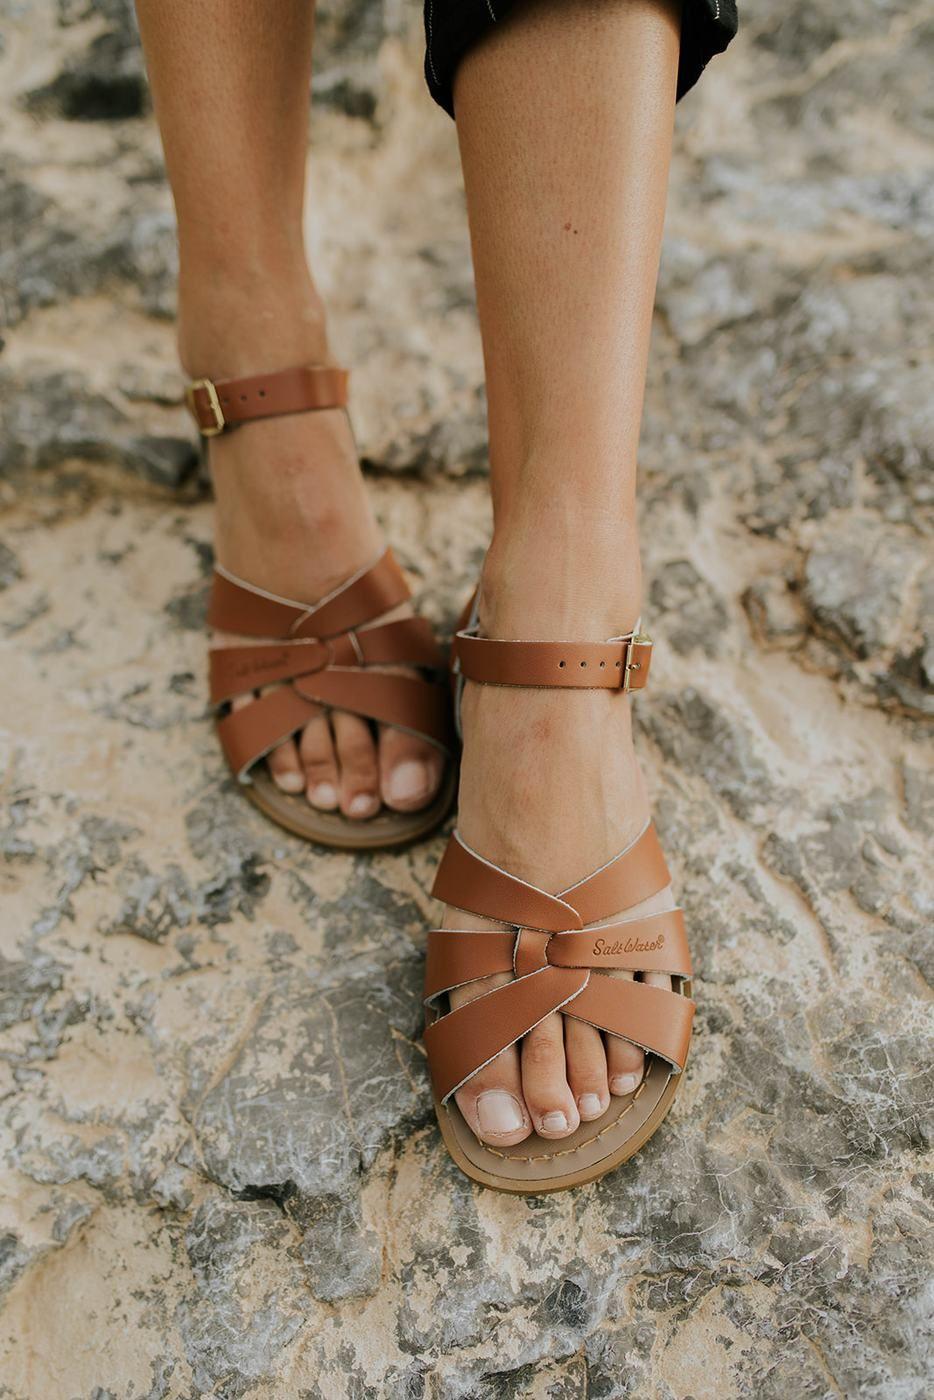 Salt Water Sandals | Damenschuhe sandalen, Frauen sandalen